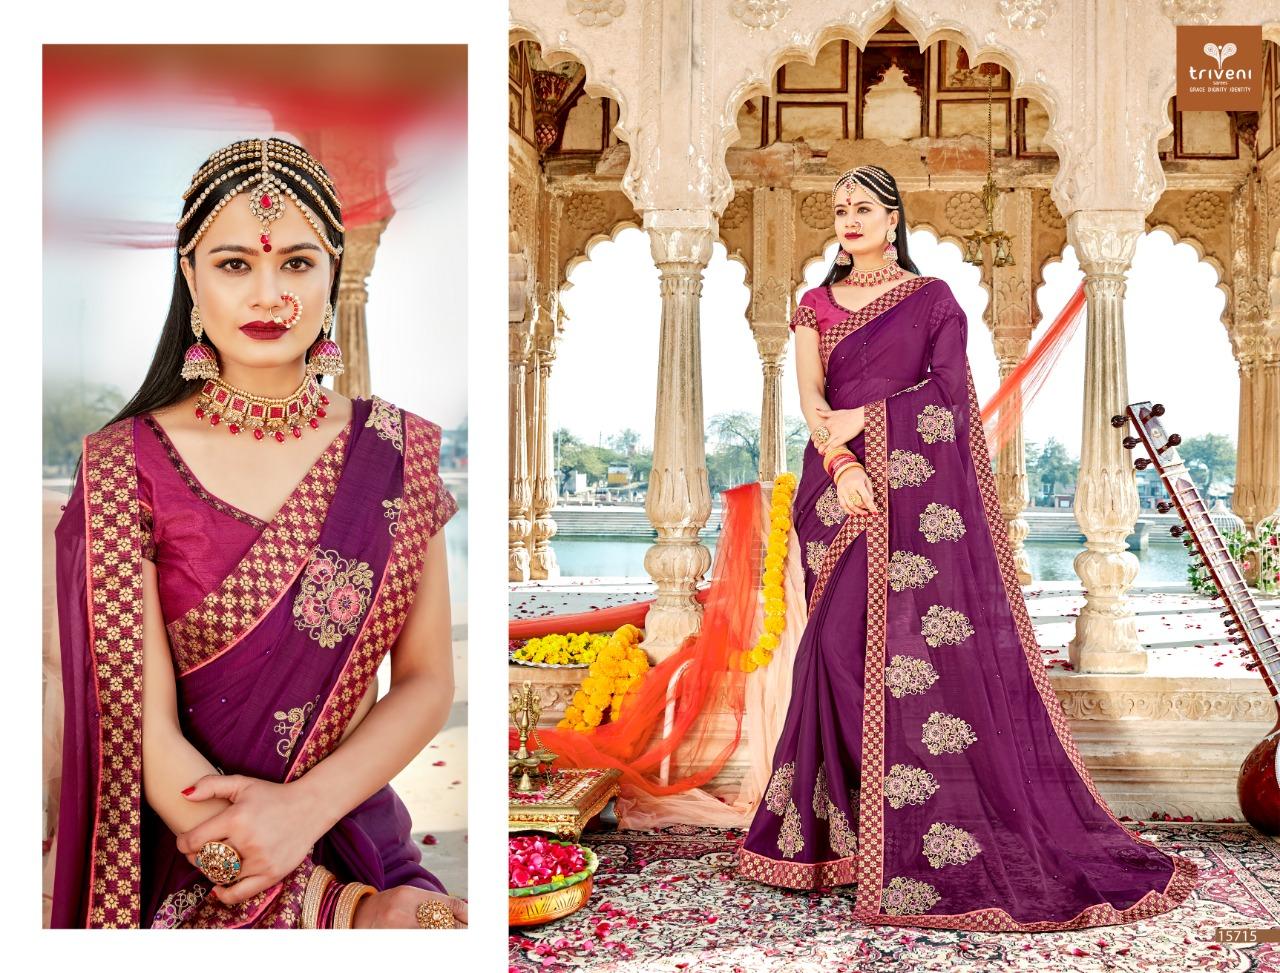 Triveni Pulkita 2 Designer Sarees In Wholesale Rate